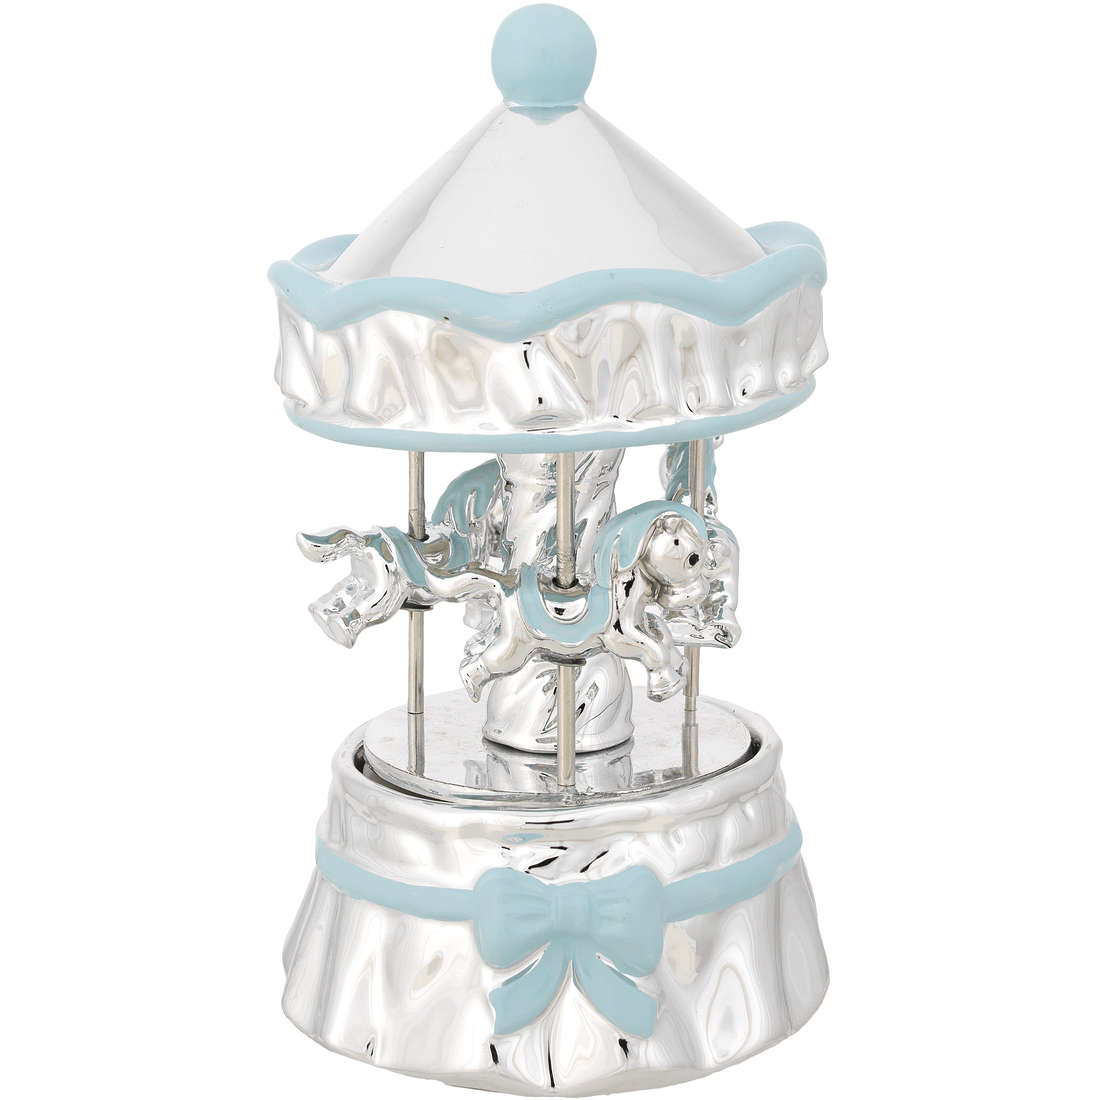 accessori neonato Bagutta B 4167-02 A